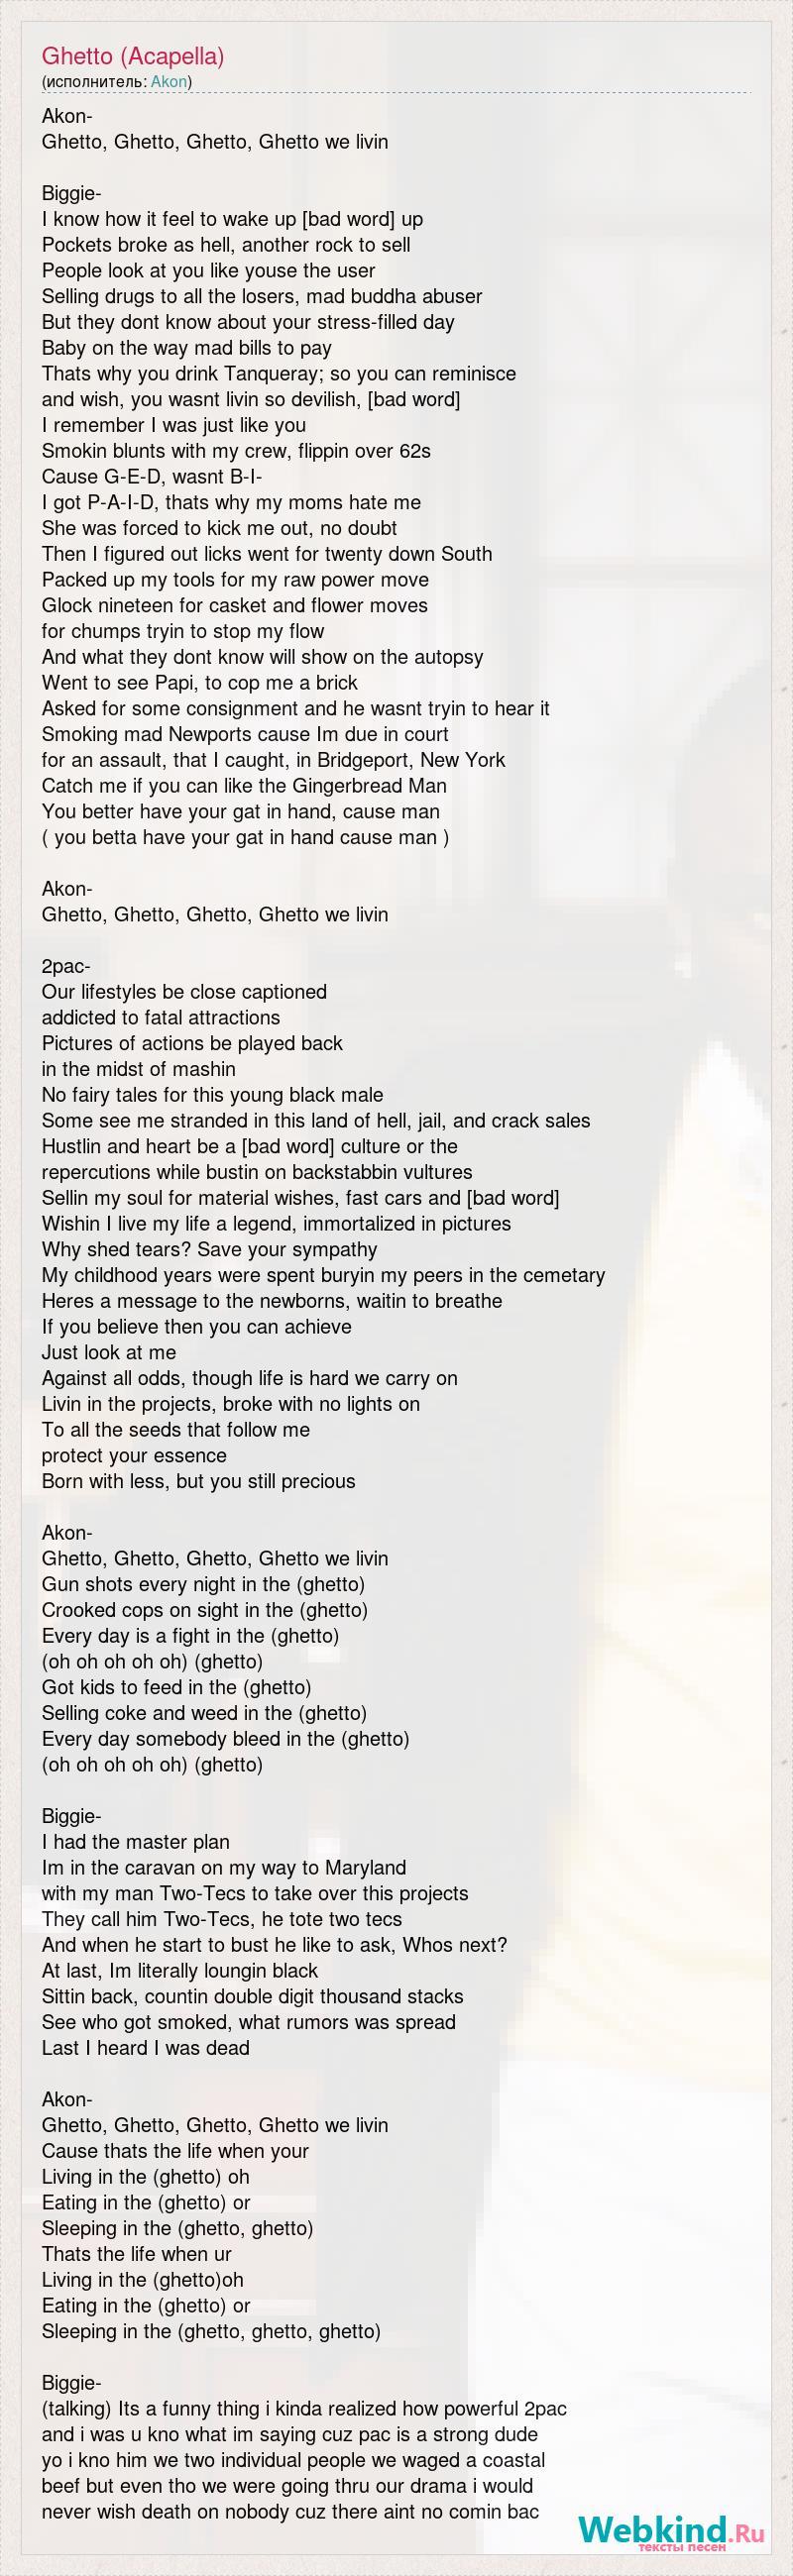 Akon: Ghetto (Acapella) слова песни